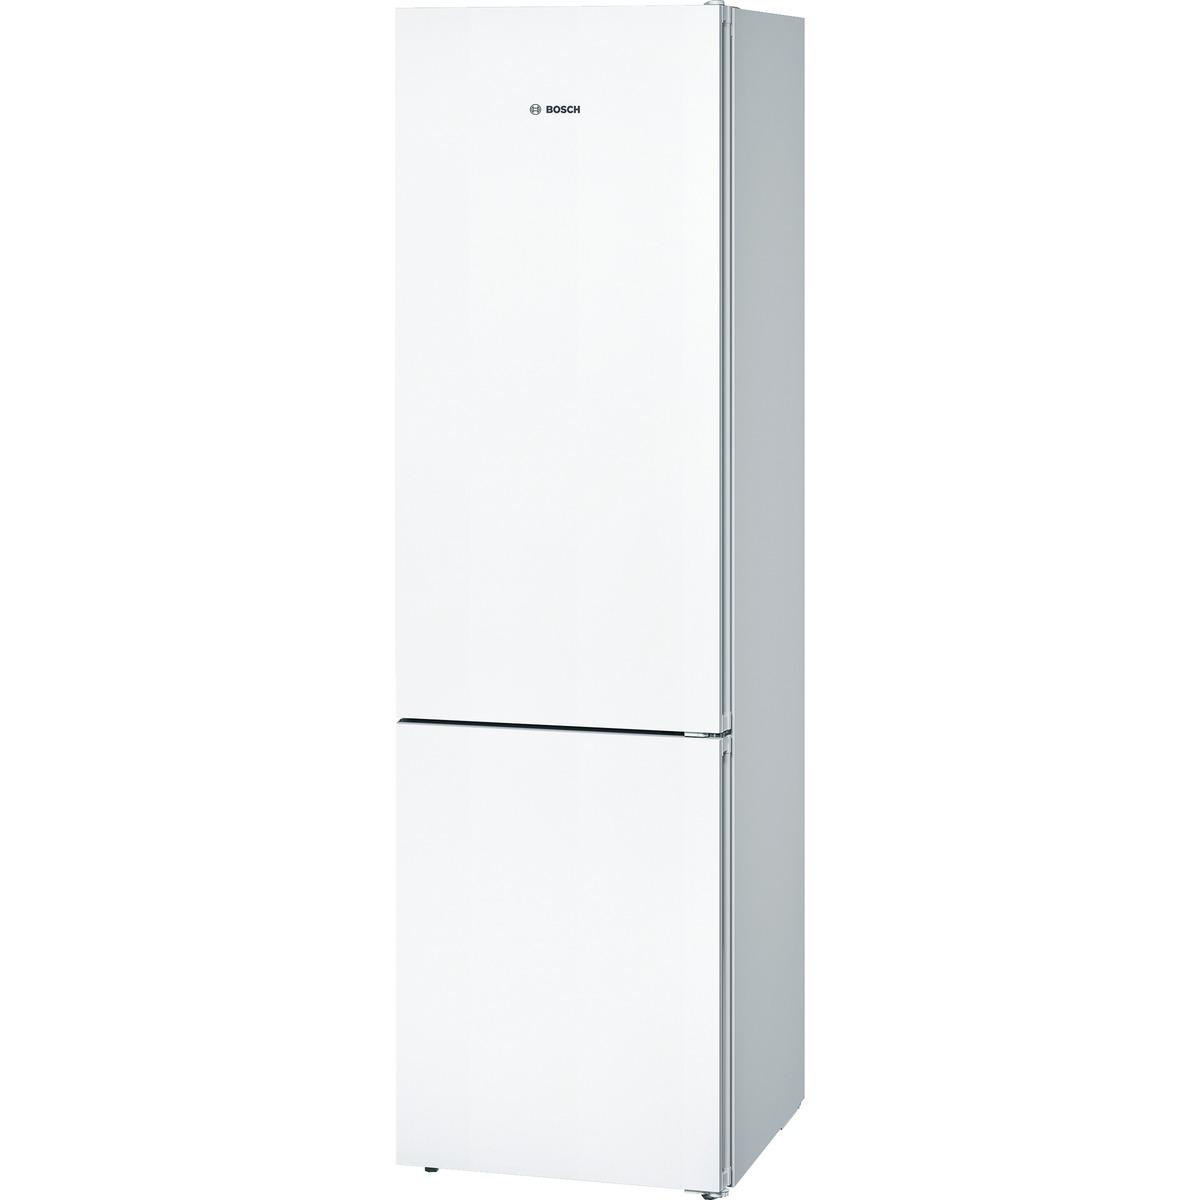 nyt køleskab hvor længe skal det stå